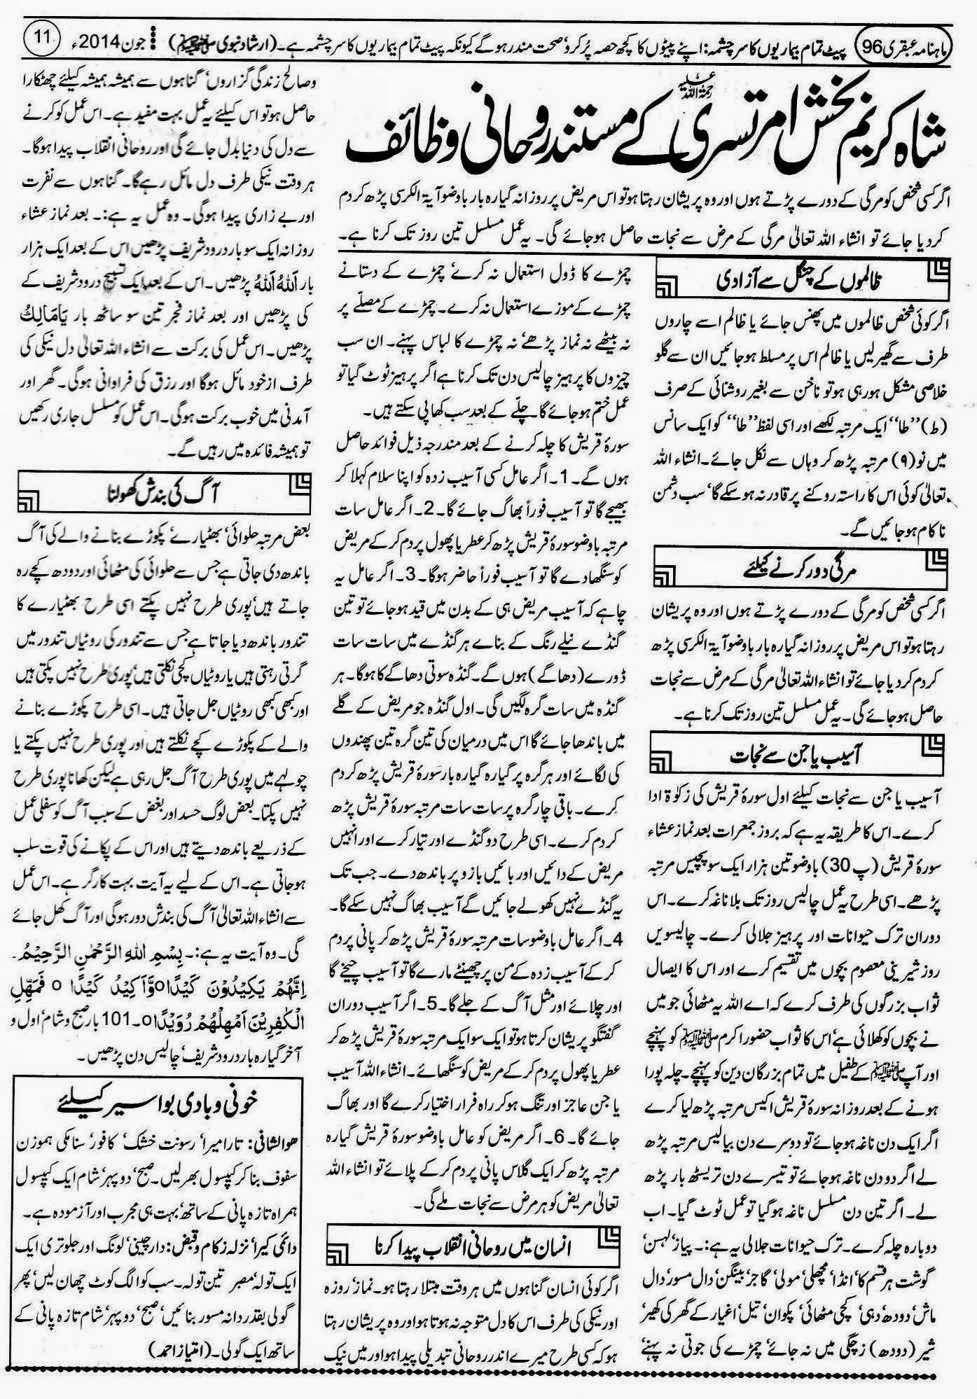 ubqari june 2014 page 11